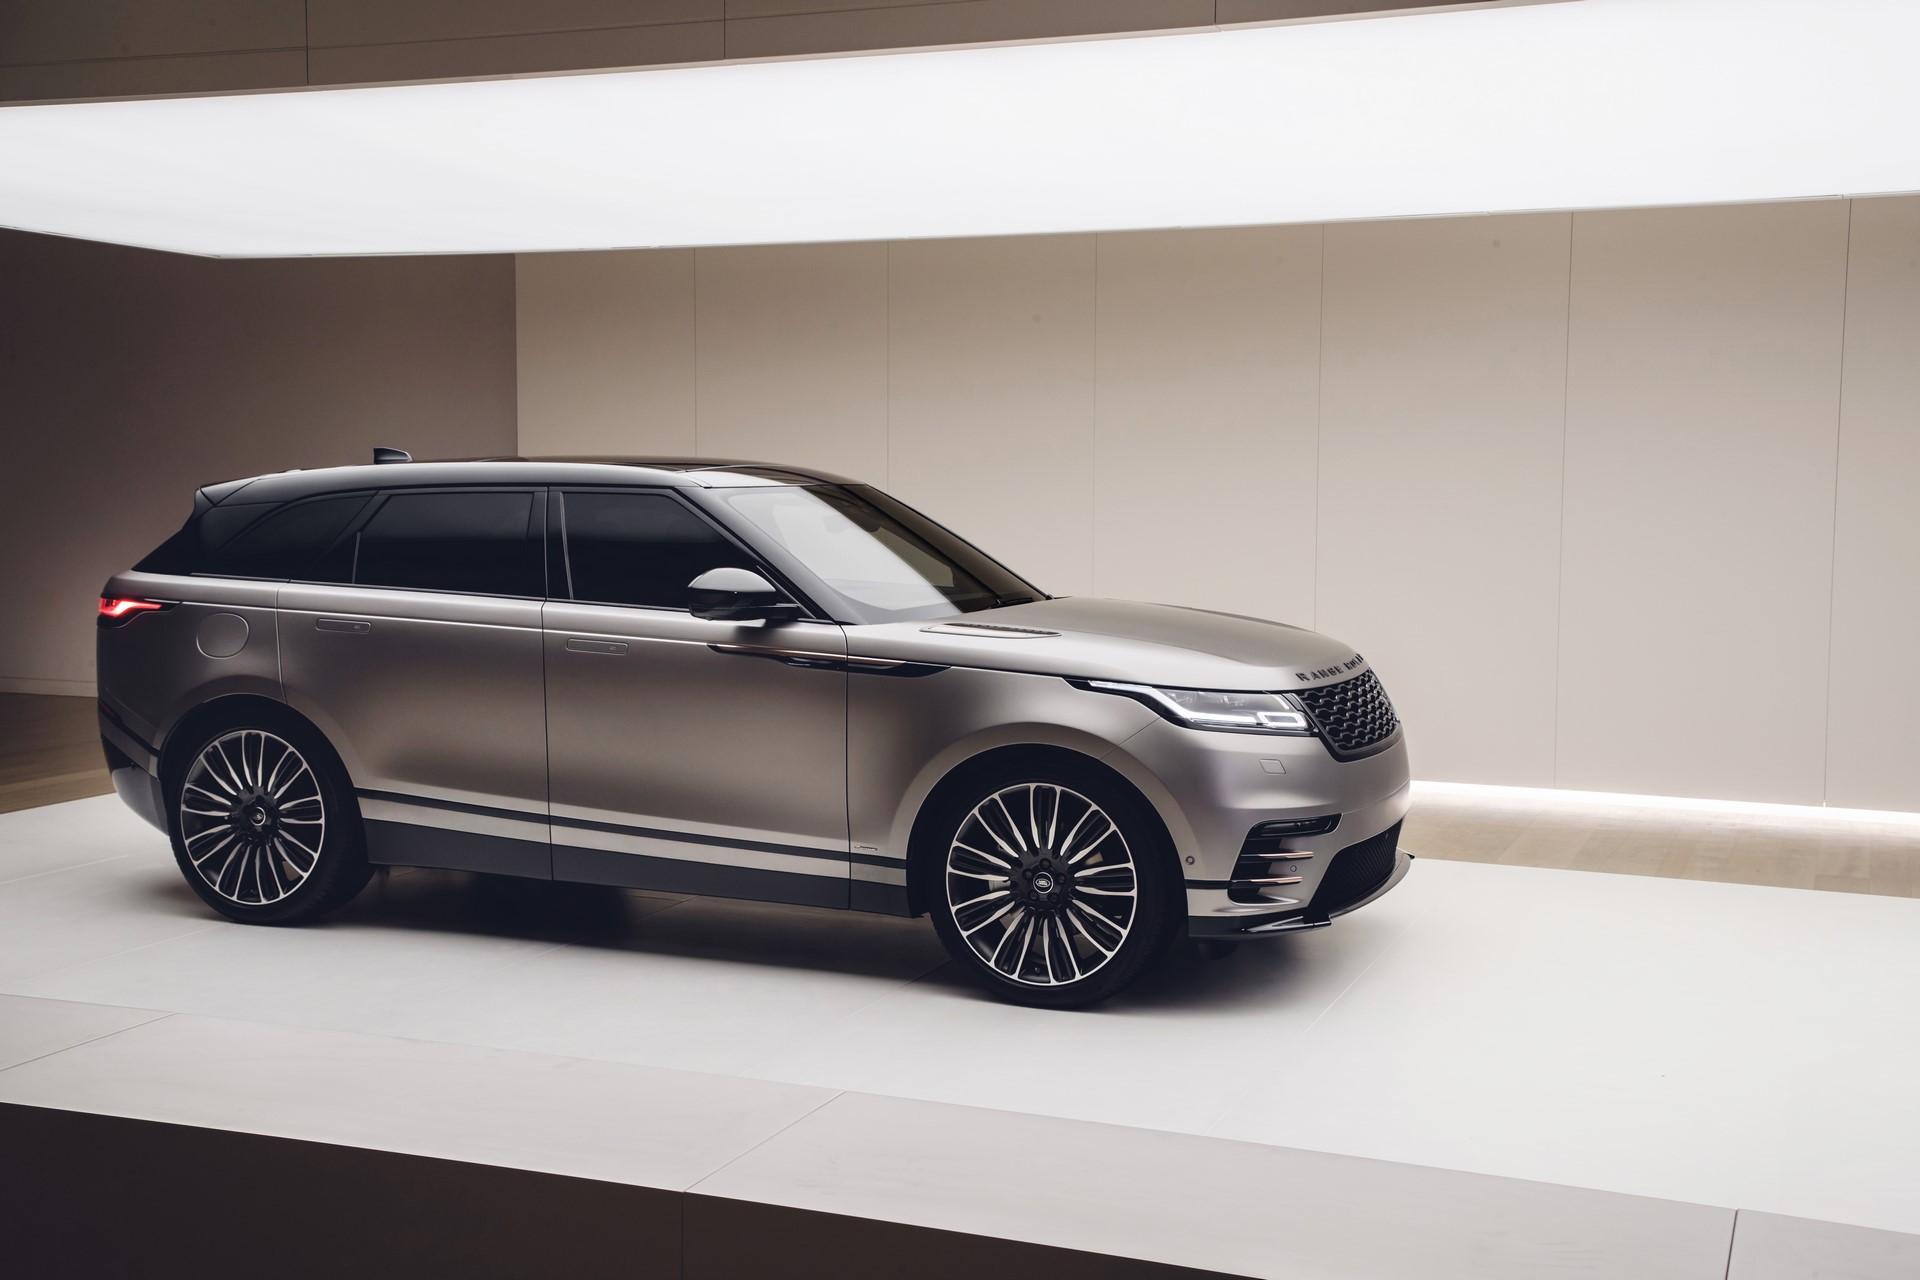 Range Rover Velar 2017 (107)